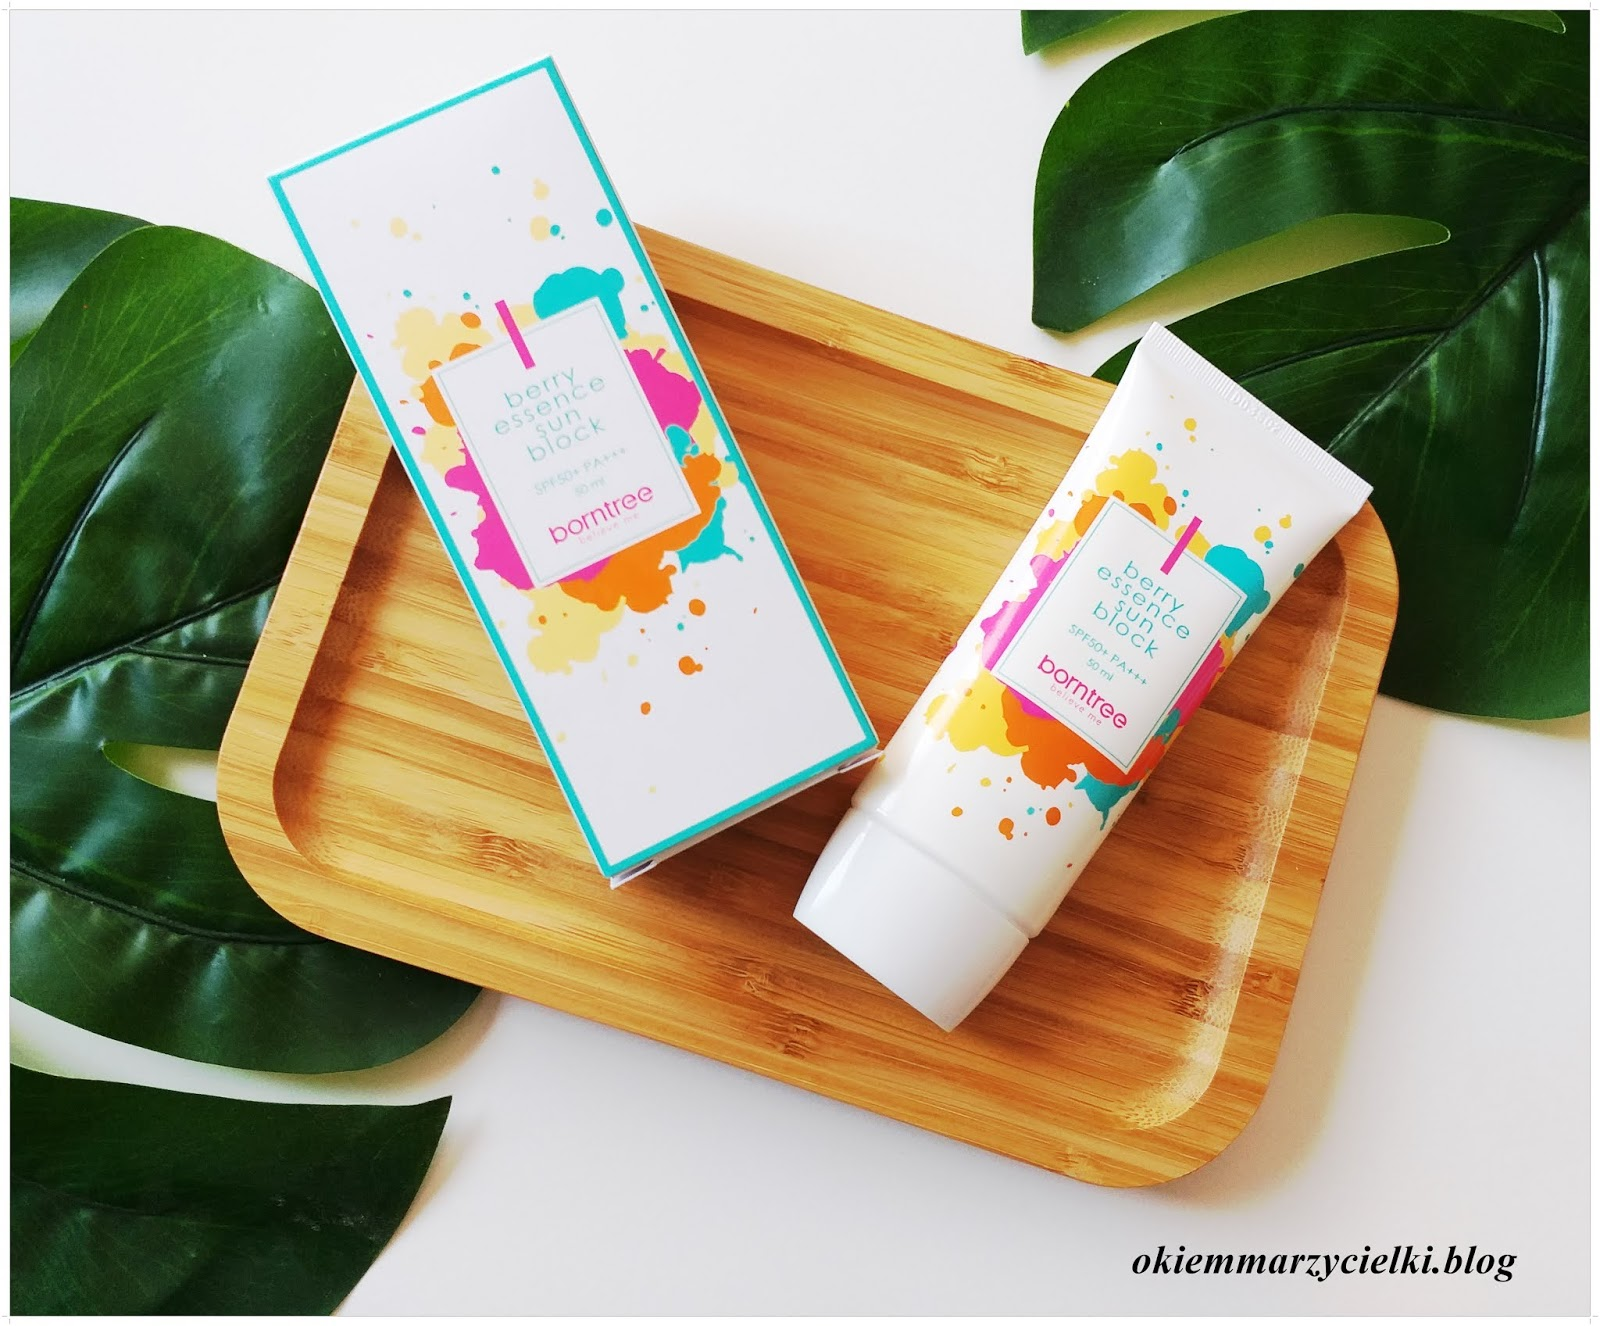 Chroń swoją skórę przed słońcem| Krem przeciwsłoneczny Sunblocker Berry Essence SPF 50+/PA+++, Borntree-recenzja #132